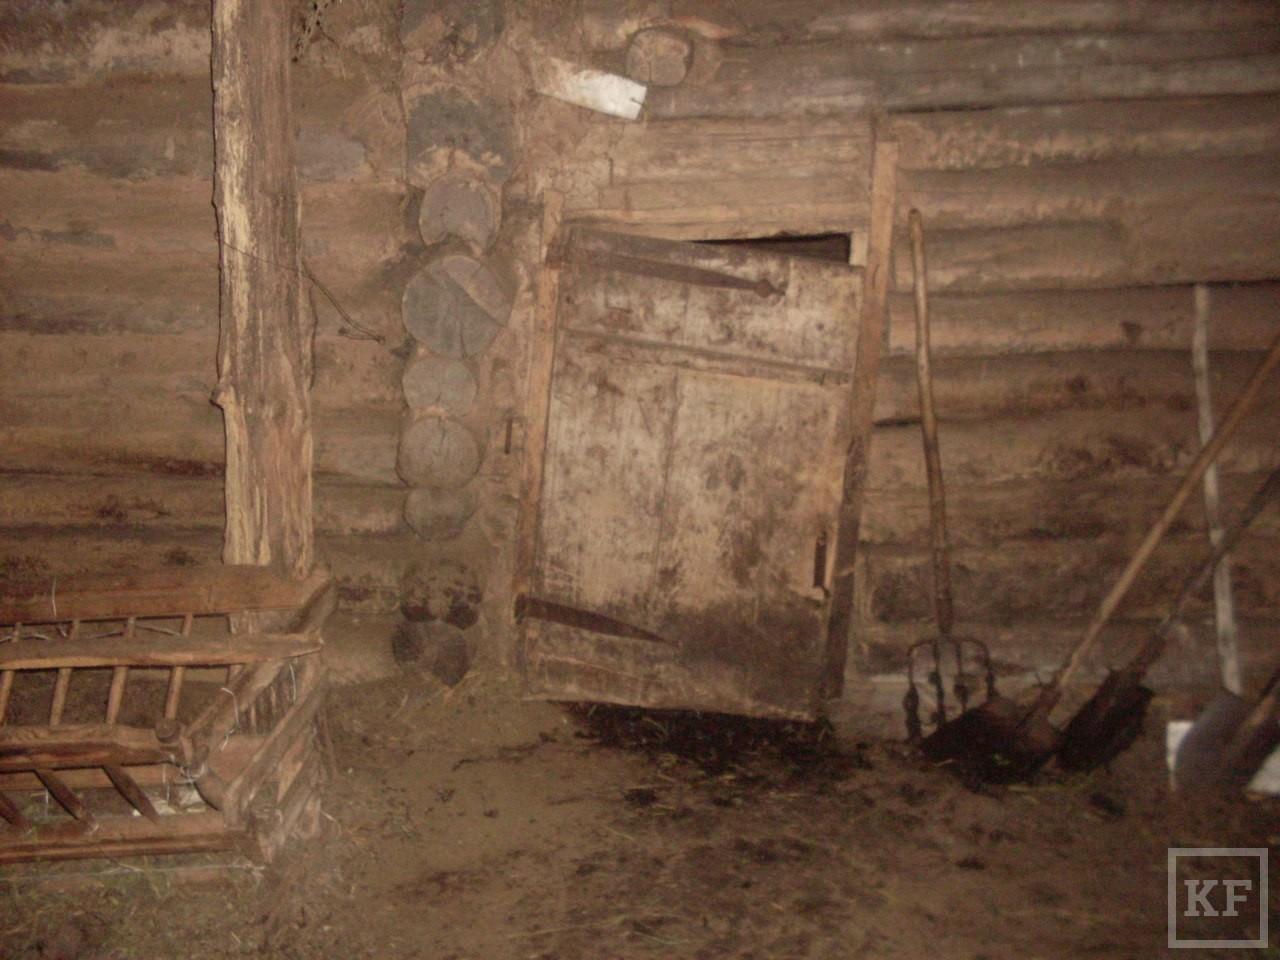 Житель Нижнекамского района заявил в полицию о пропаже свиньи, которая в действительности умерла в углу сарая